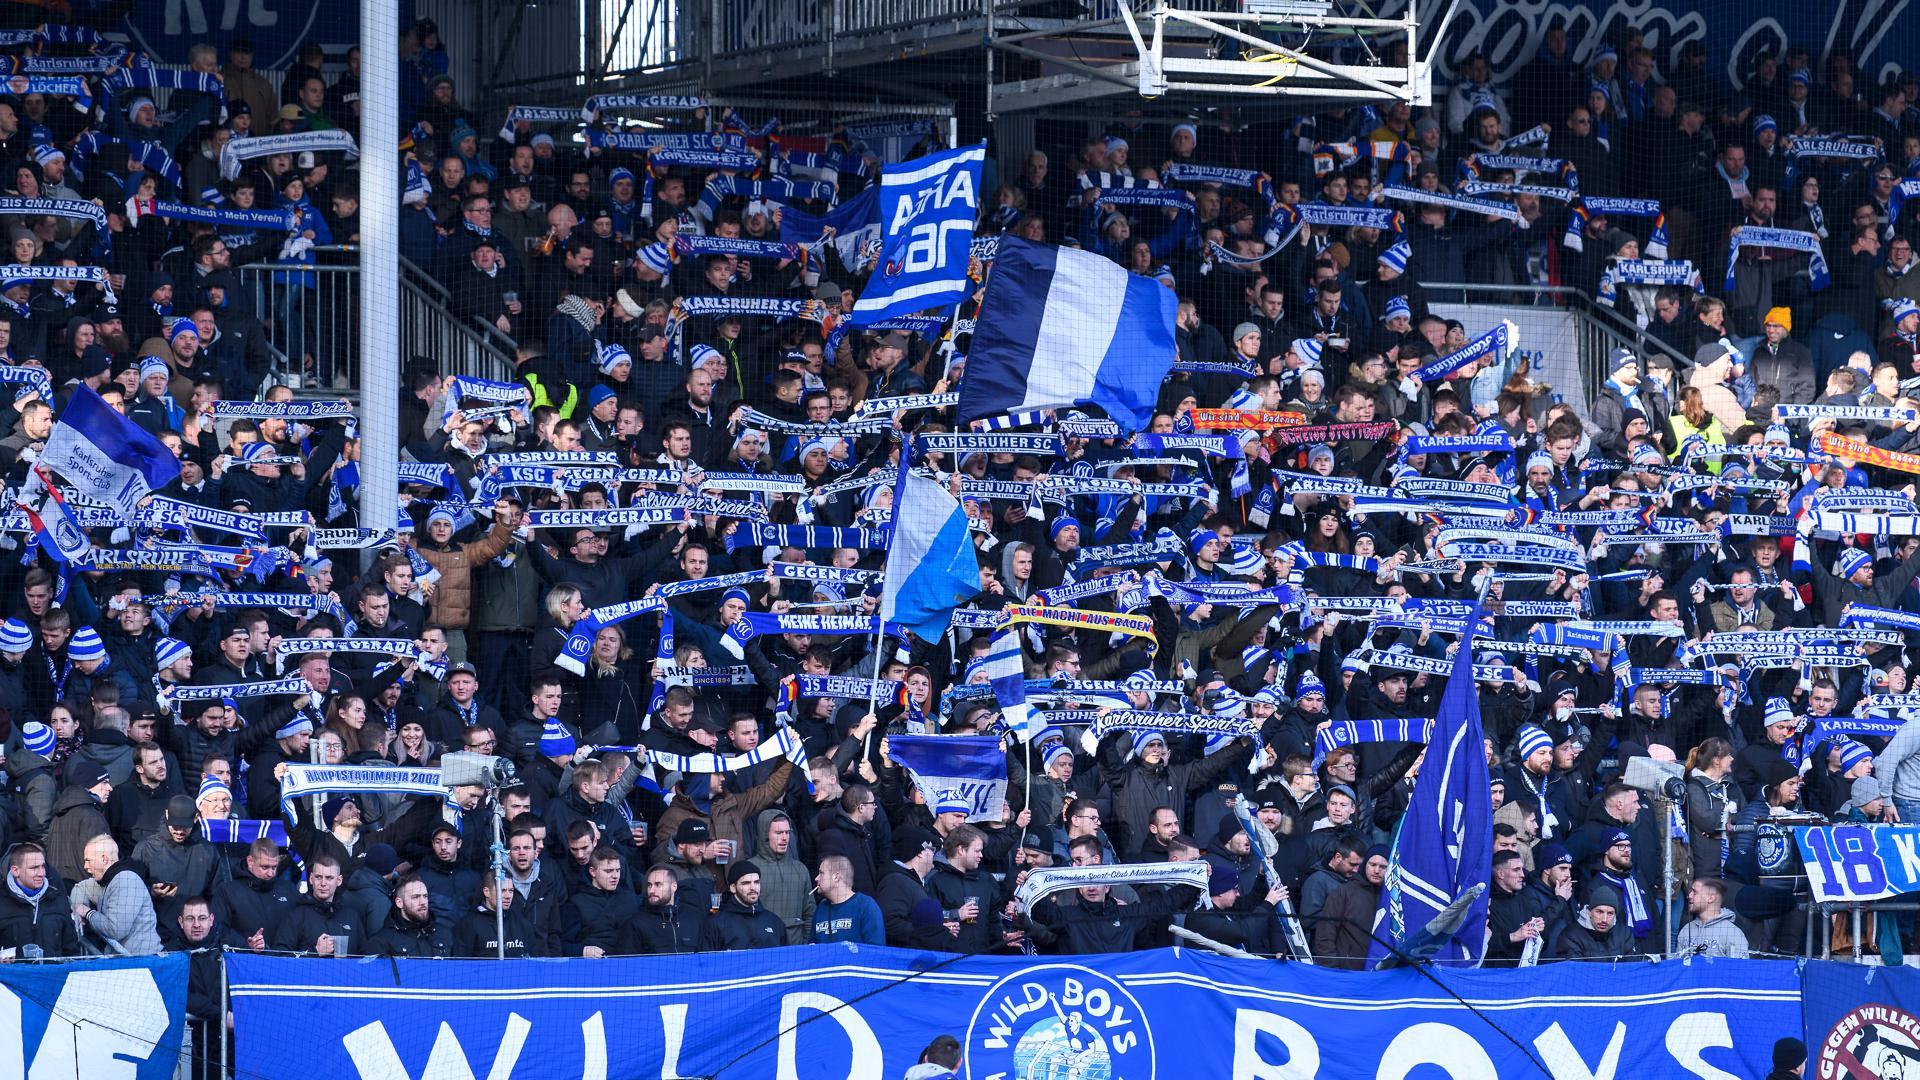 Objekt der Begierde: Wegen Raubs eines KSC-Schals hat das Amtsgericht einen Fan von Hansa Rostock verurteilt.